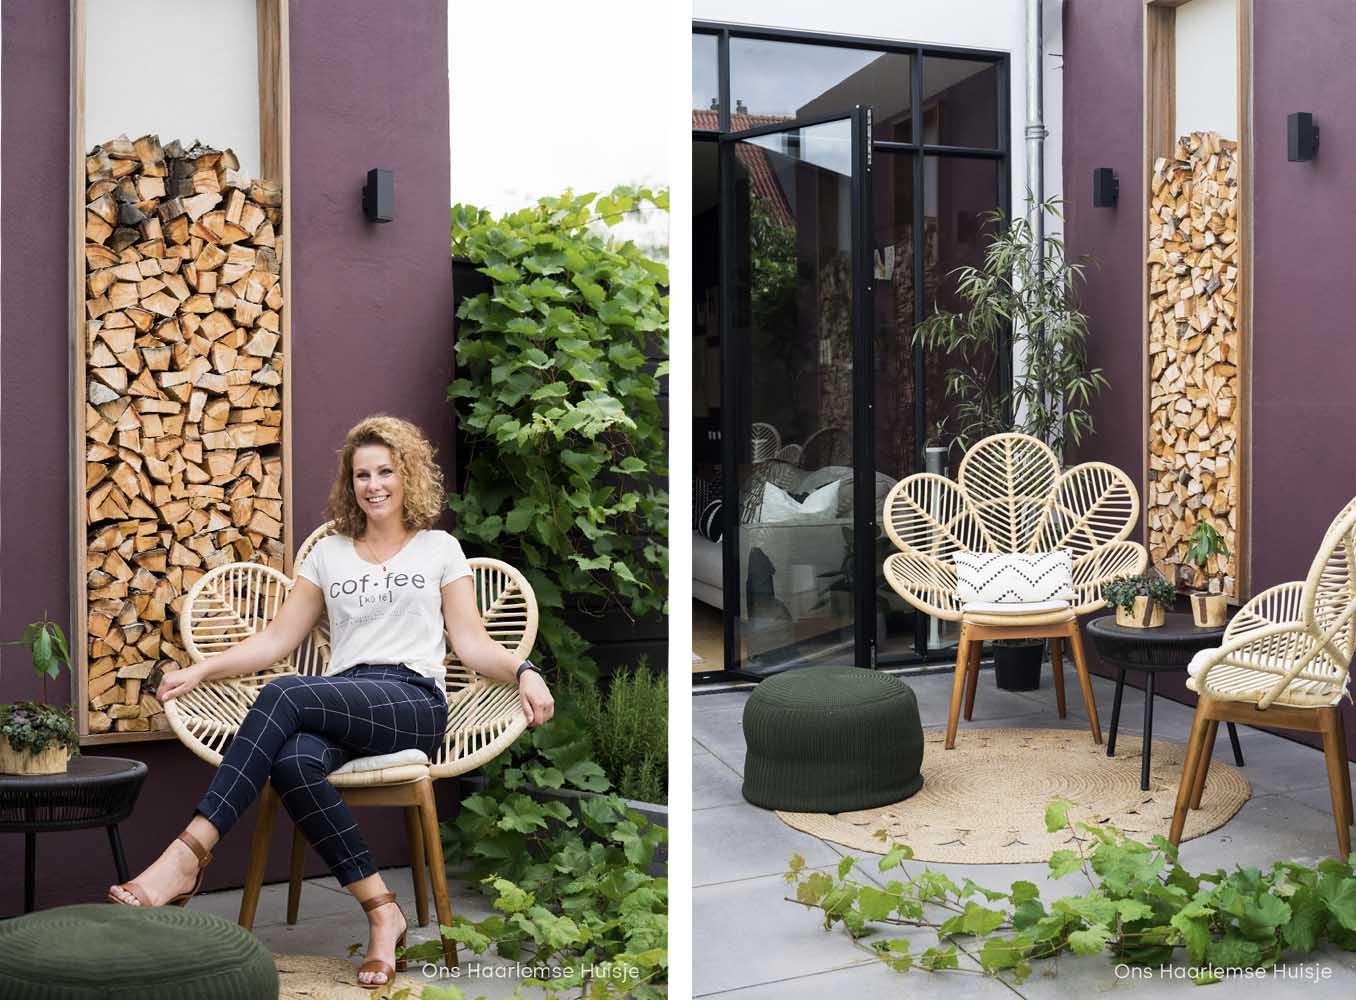 Auberginekleur op de muur buiten met rotan stoelen voor het ultieme lentegevoel